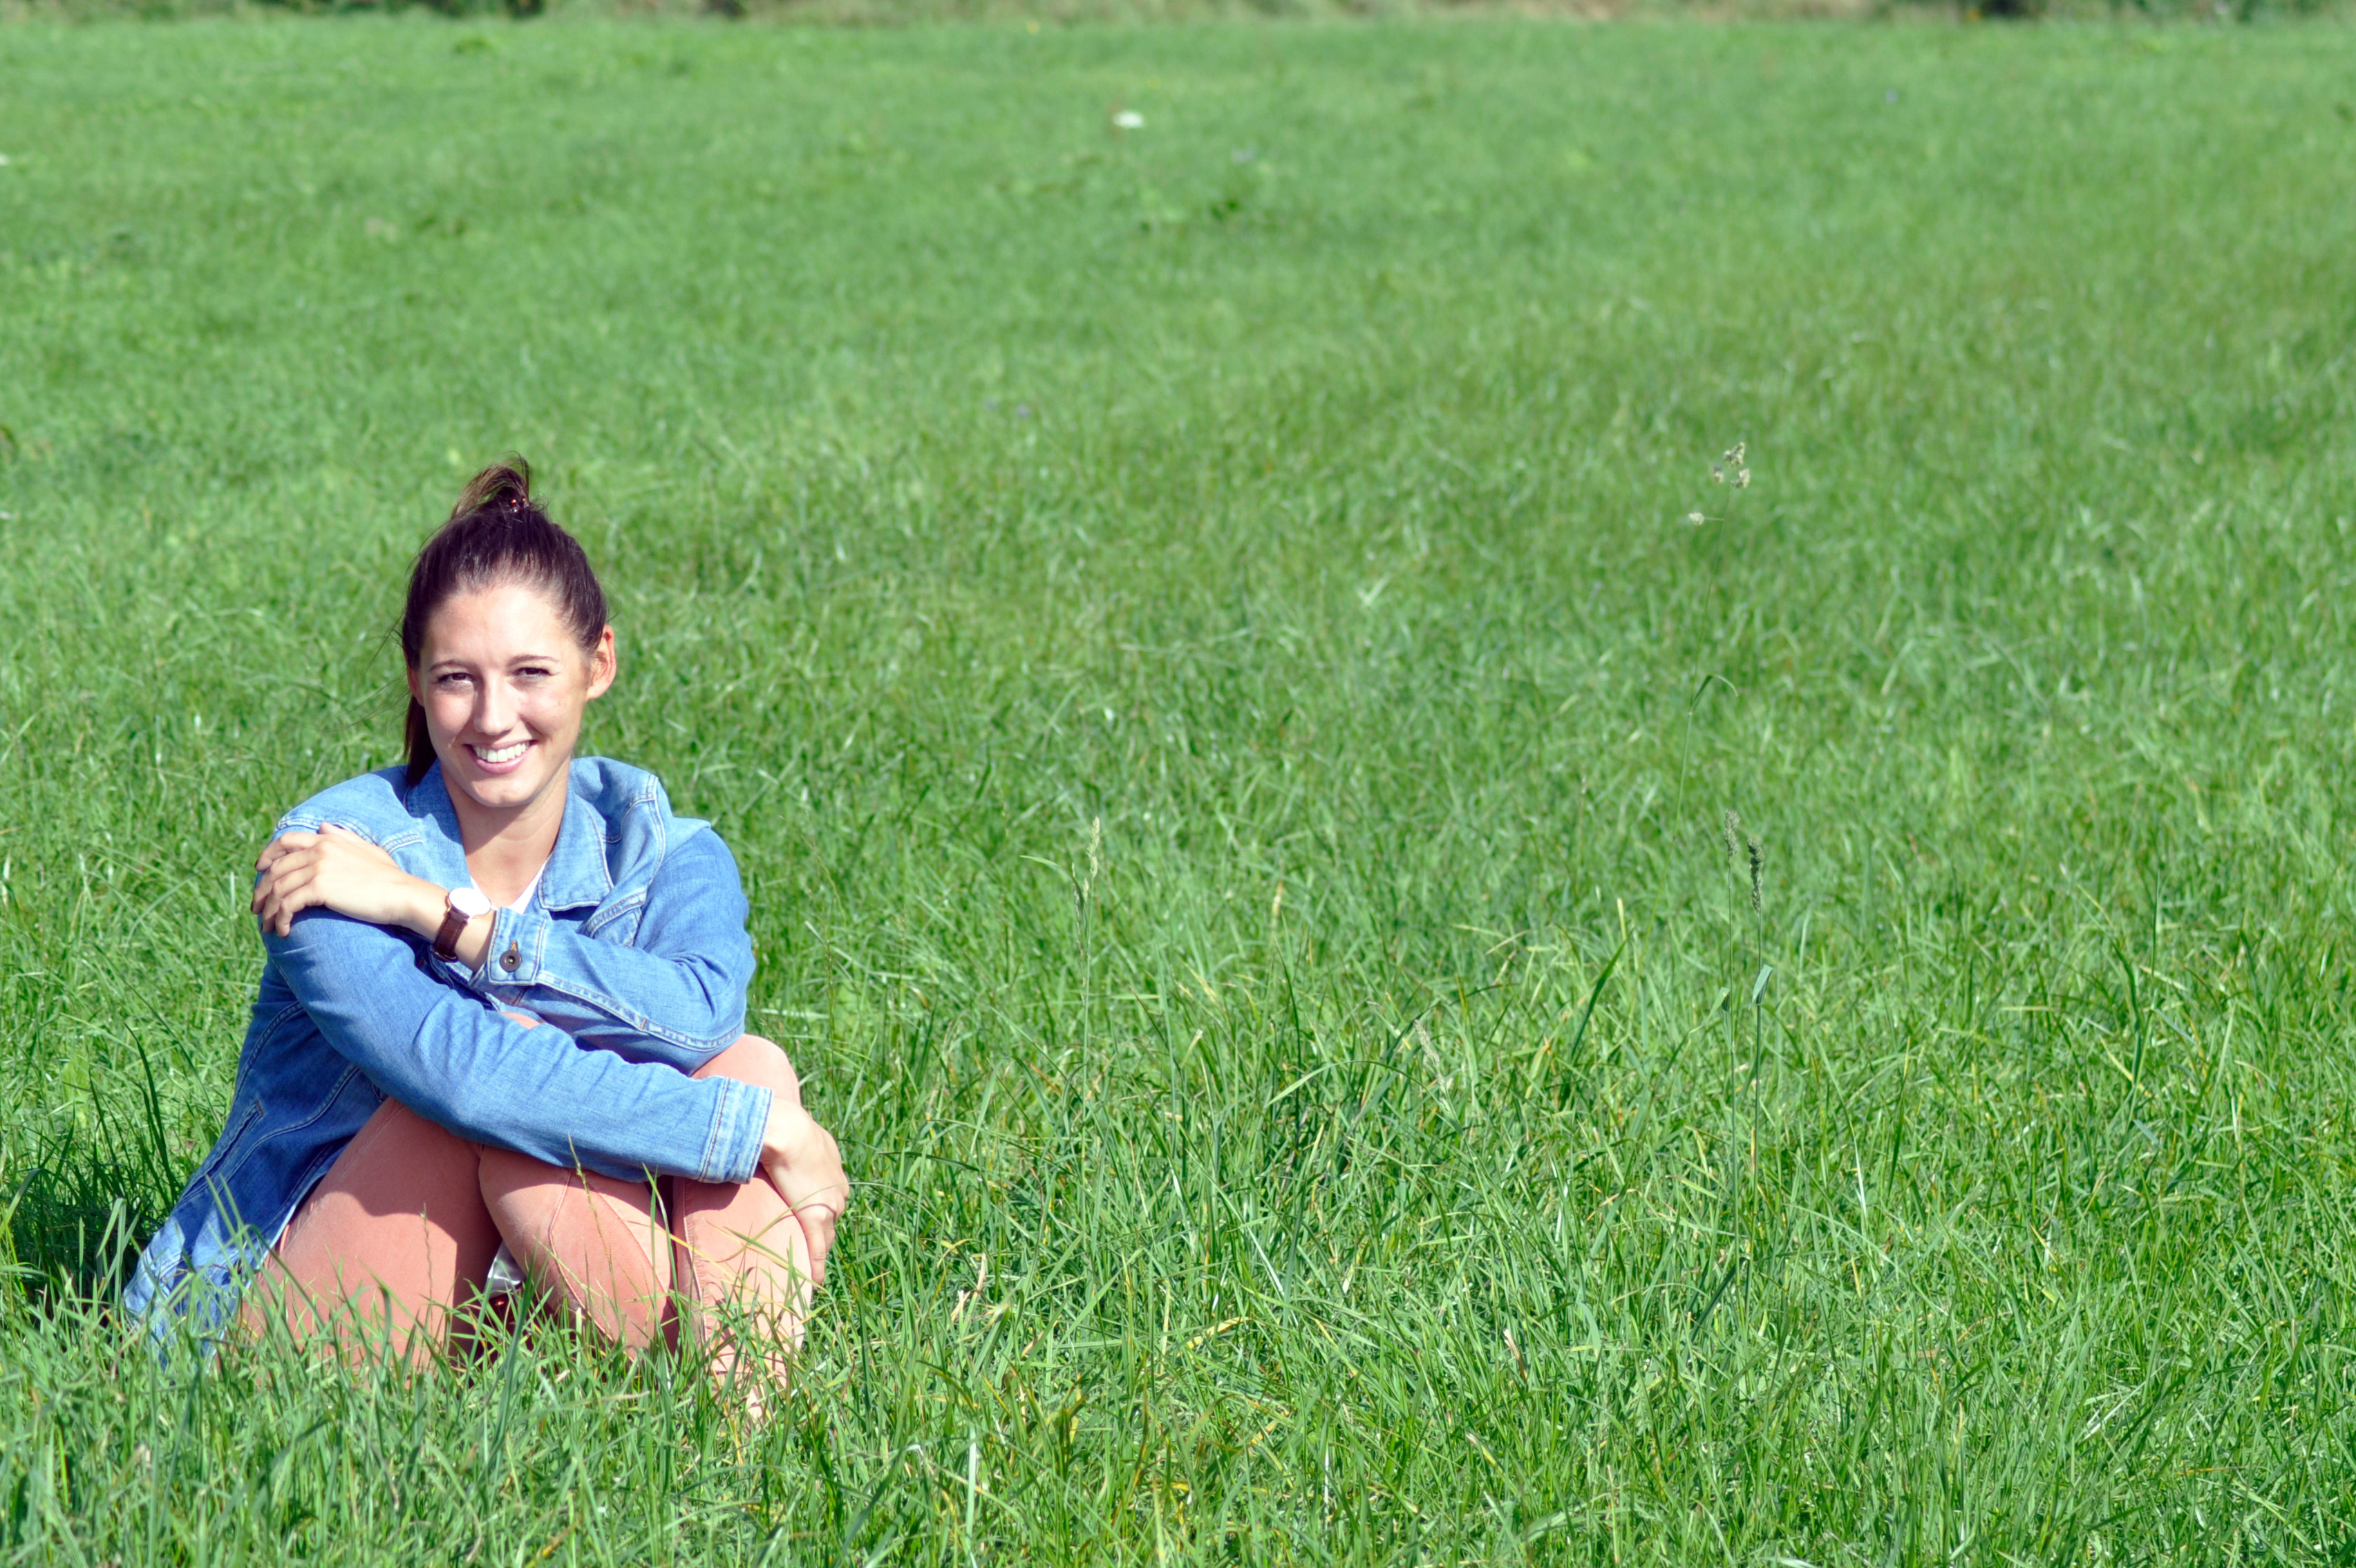 Nach der Ernährungsumstellung berichtet Verena von neuem Wohlbefinden. © kiweno